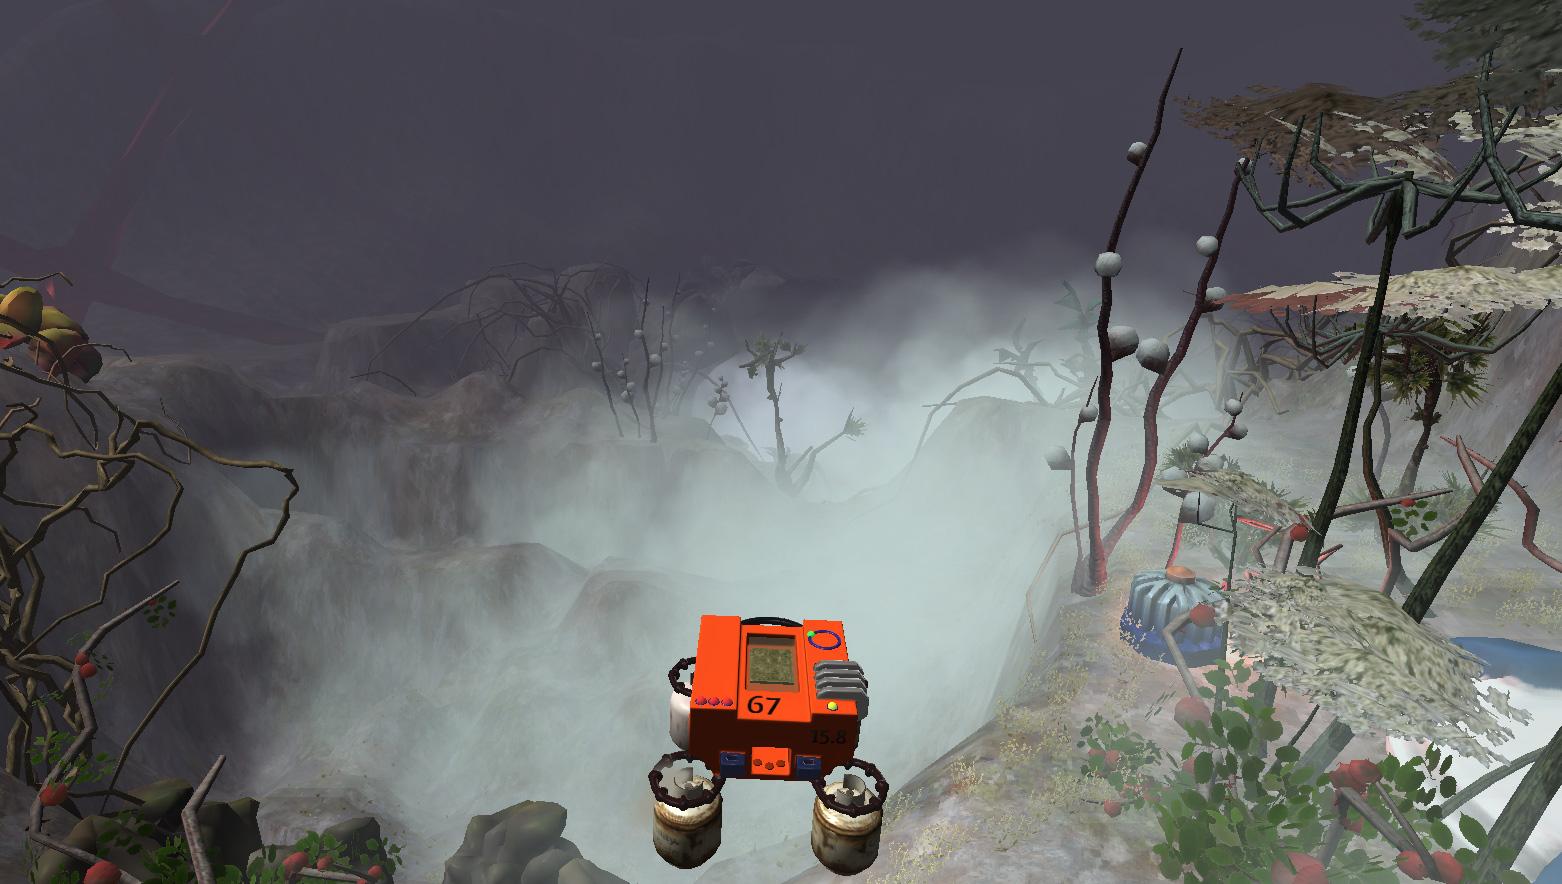 More interesting fog on the Jungle Fog level